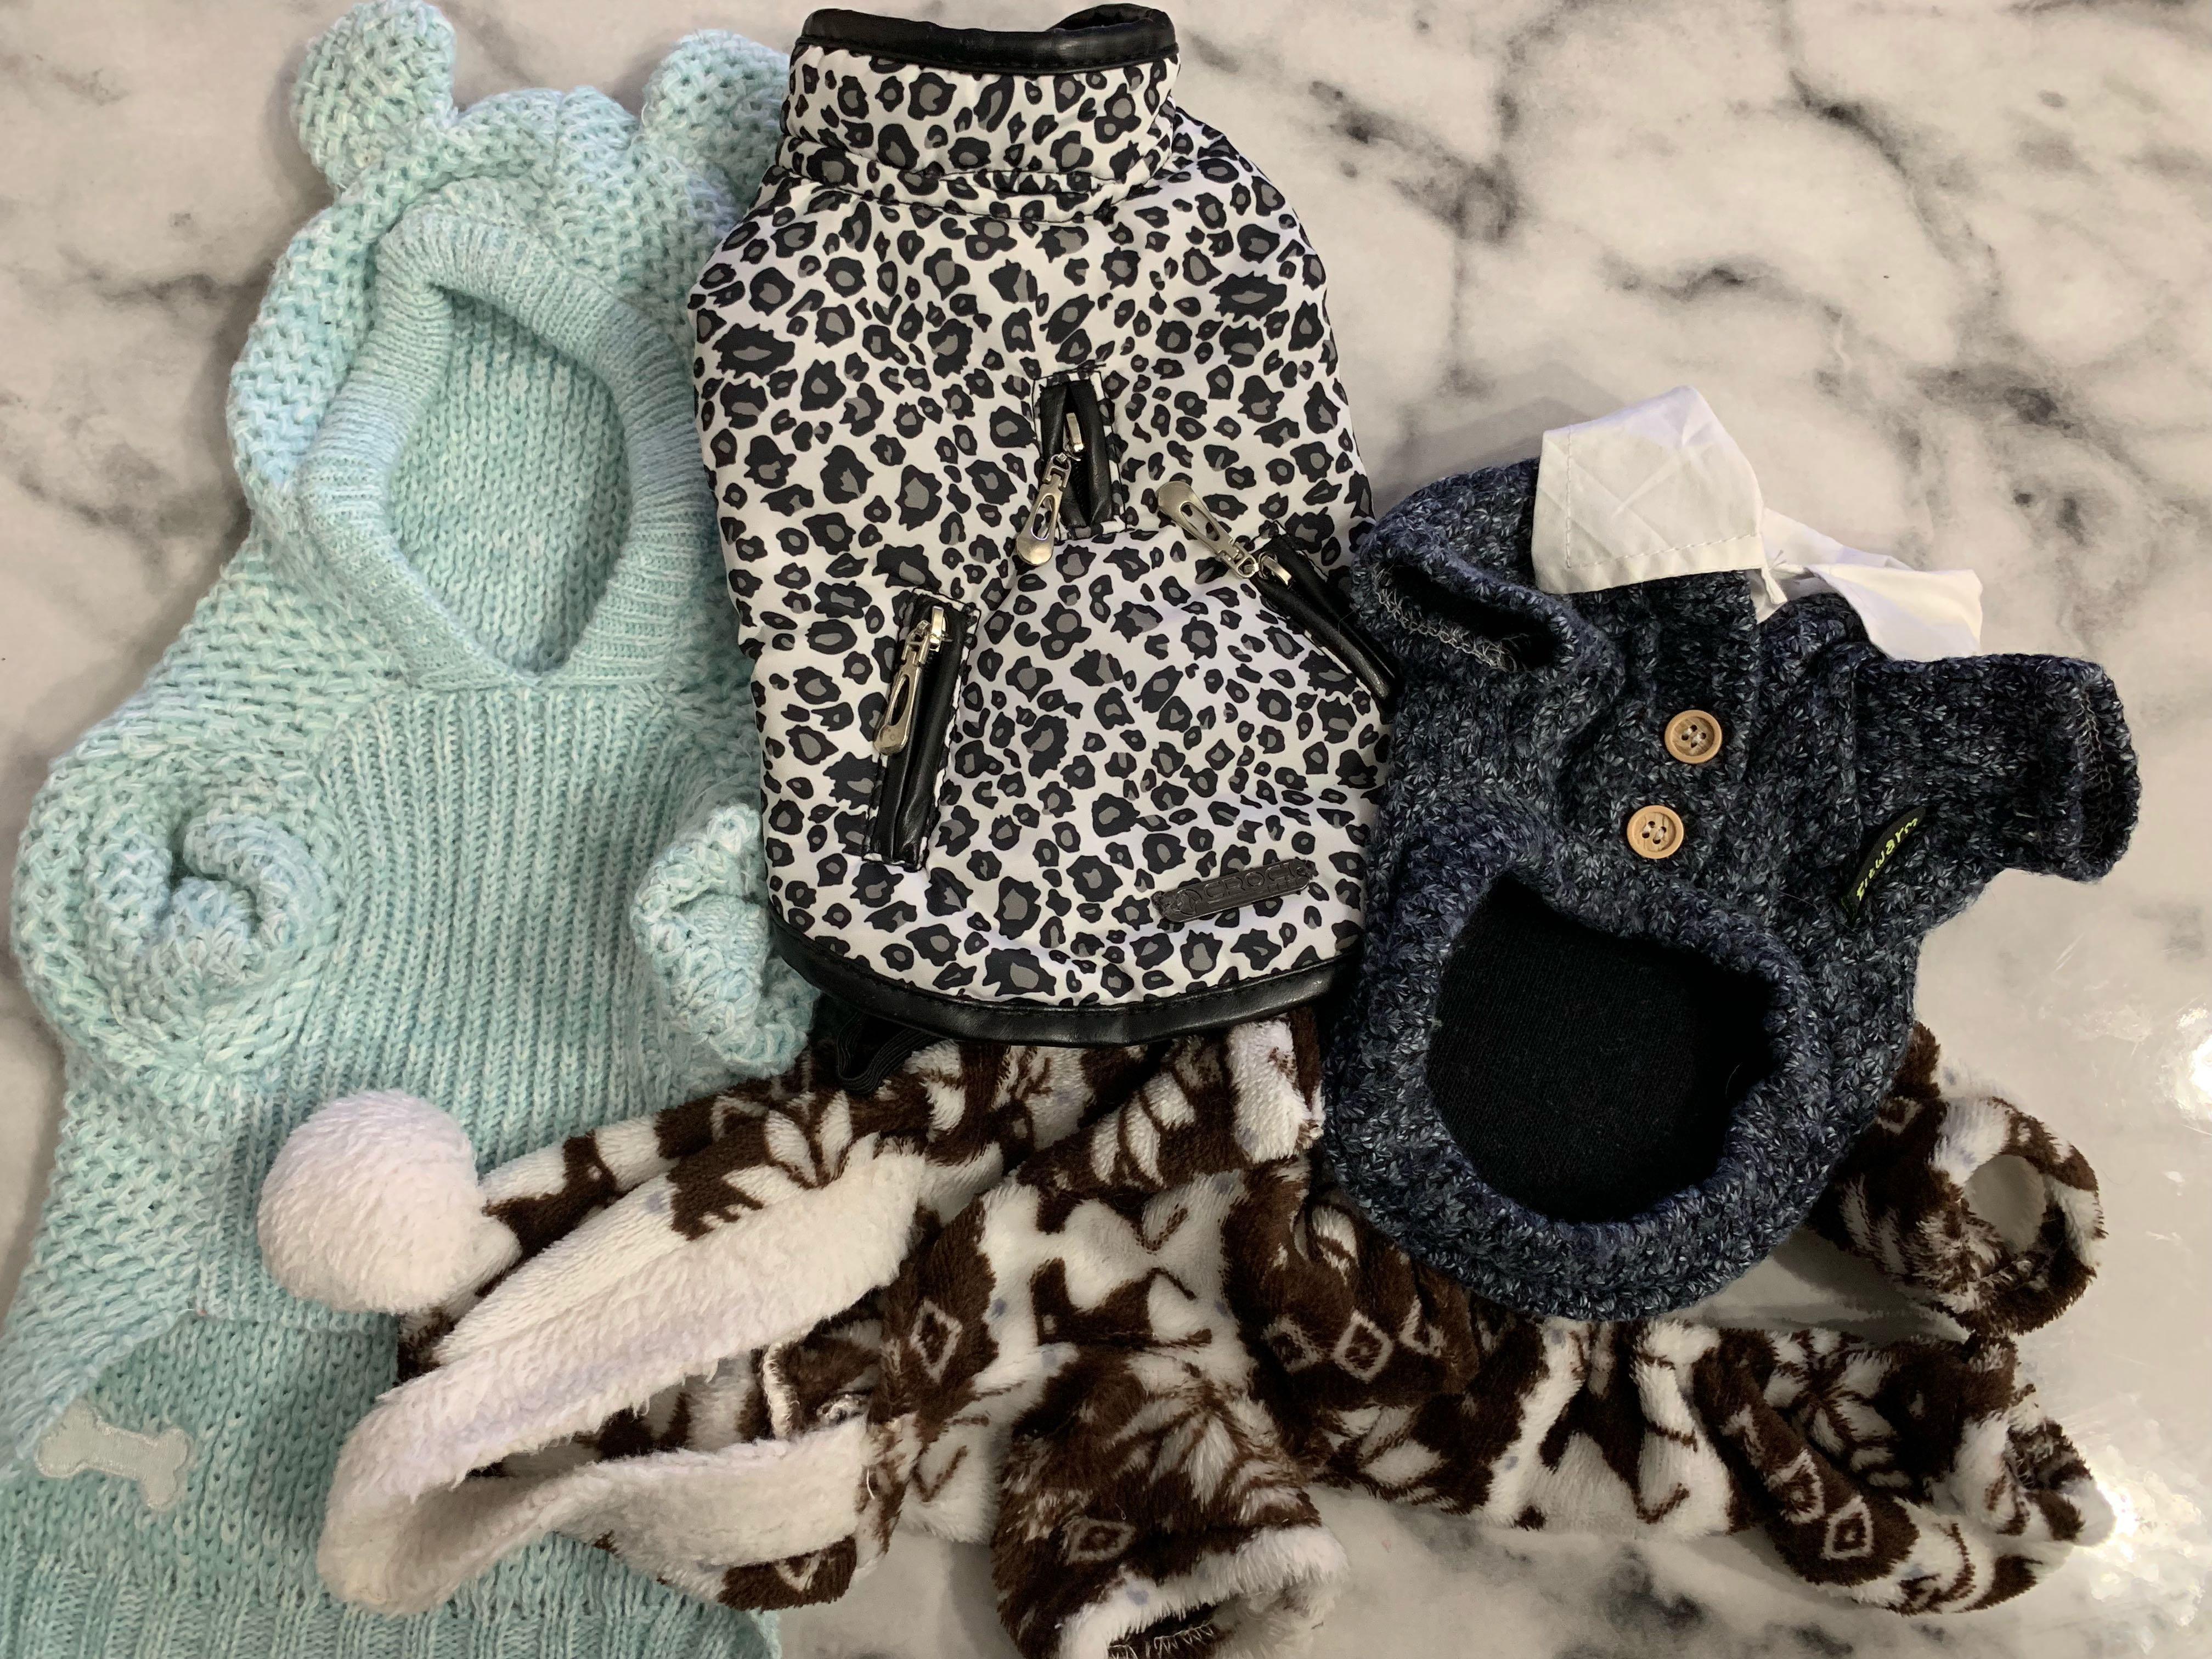 XS/S DOG UNISEX CLOTHES 4PCS